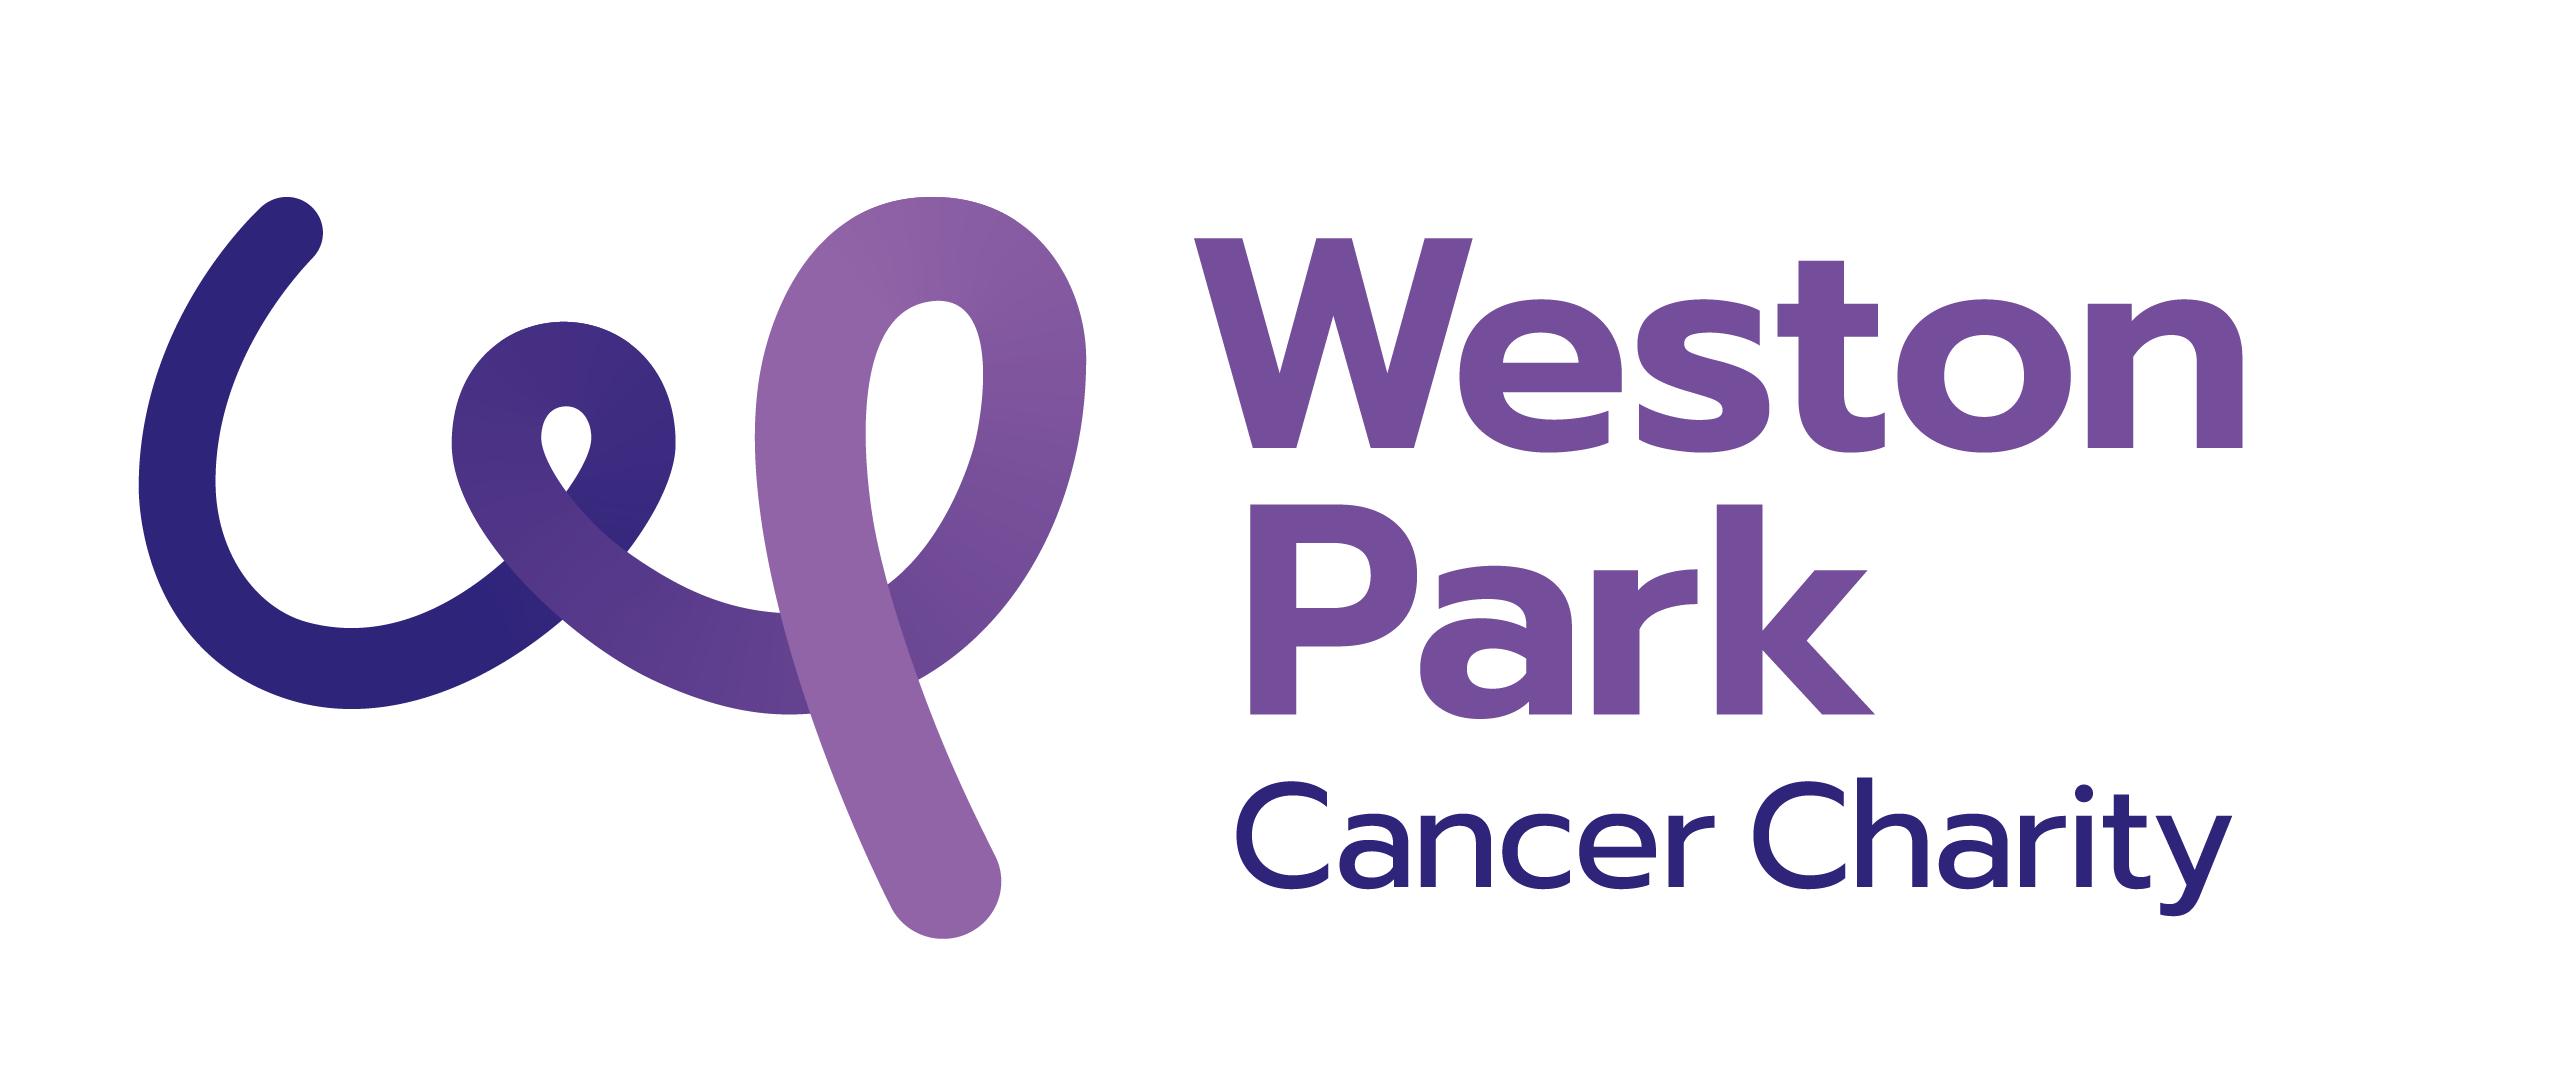 https://www.westonpark.org.uk/